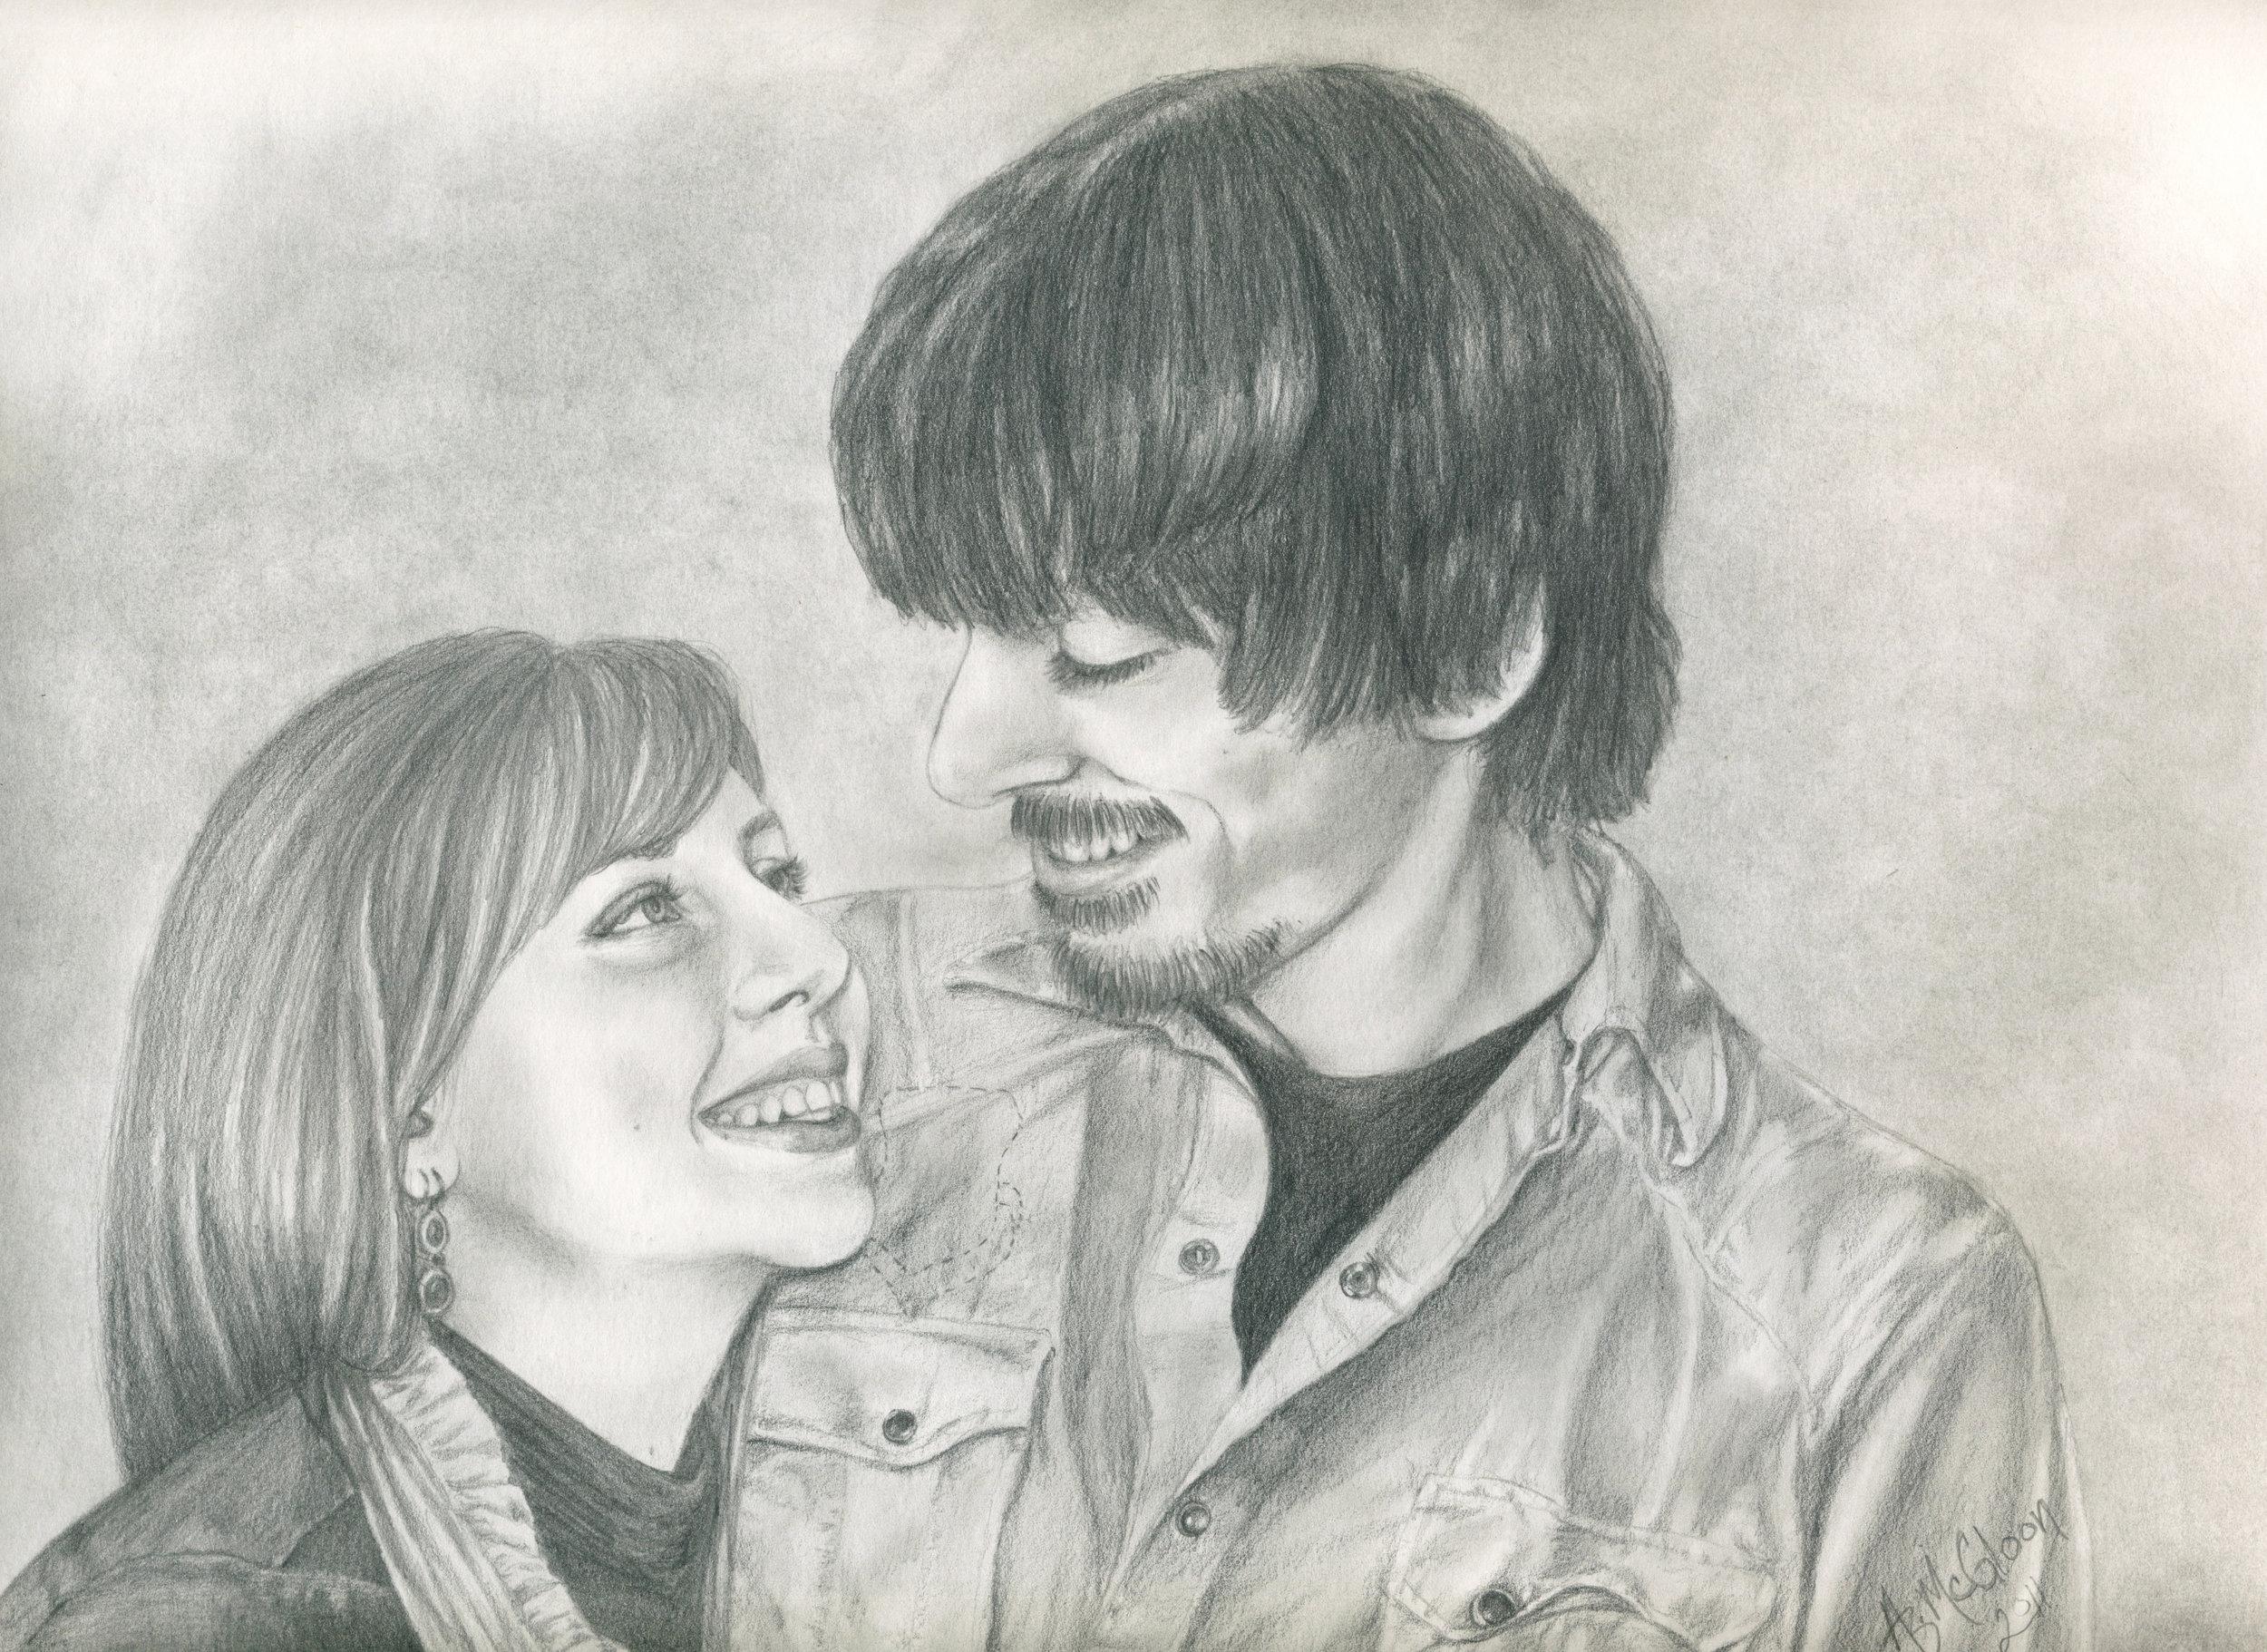 Alicia & Ryan - Graphite on Paper